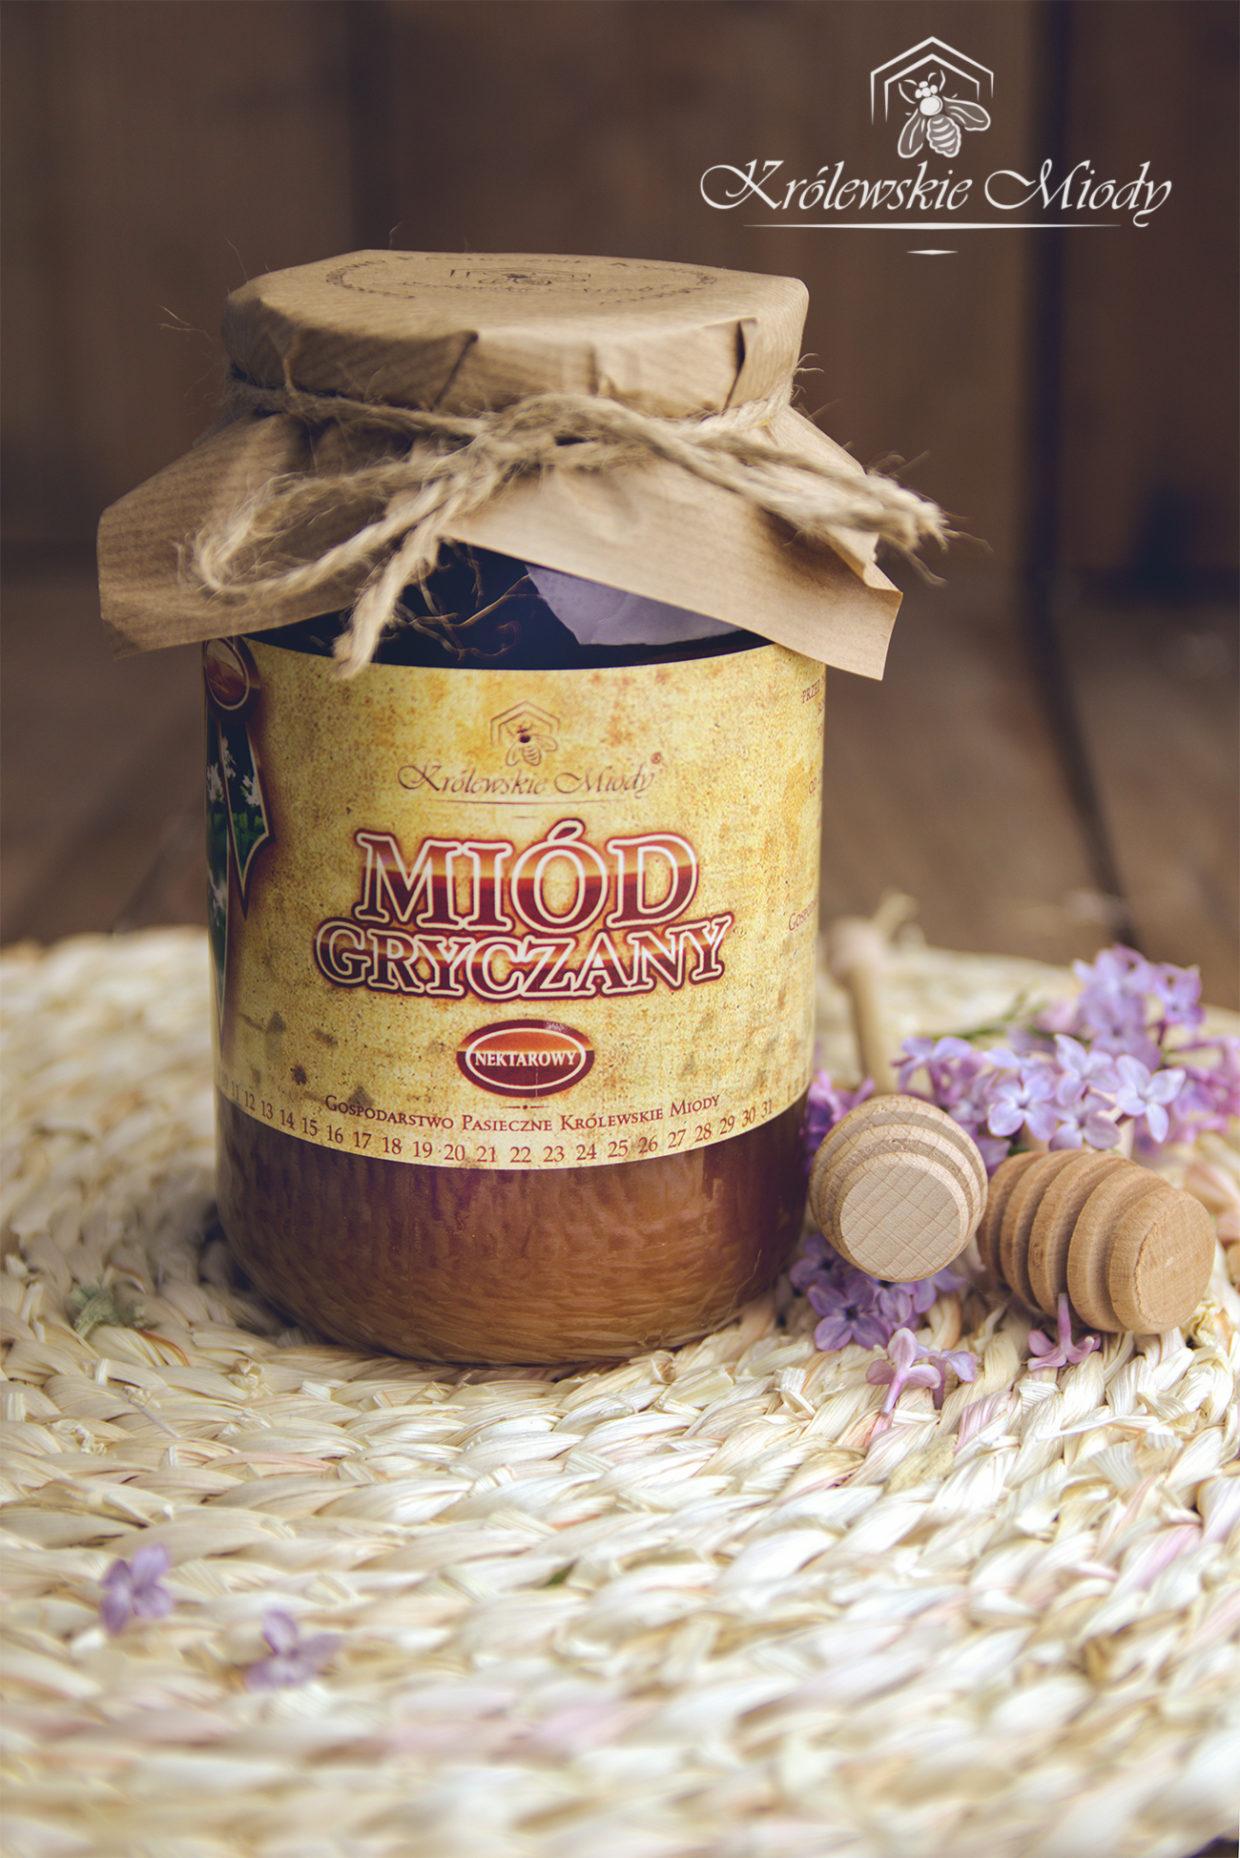 Miód gryczany -Królewskie Miody